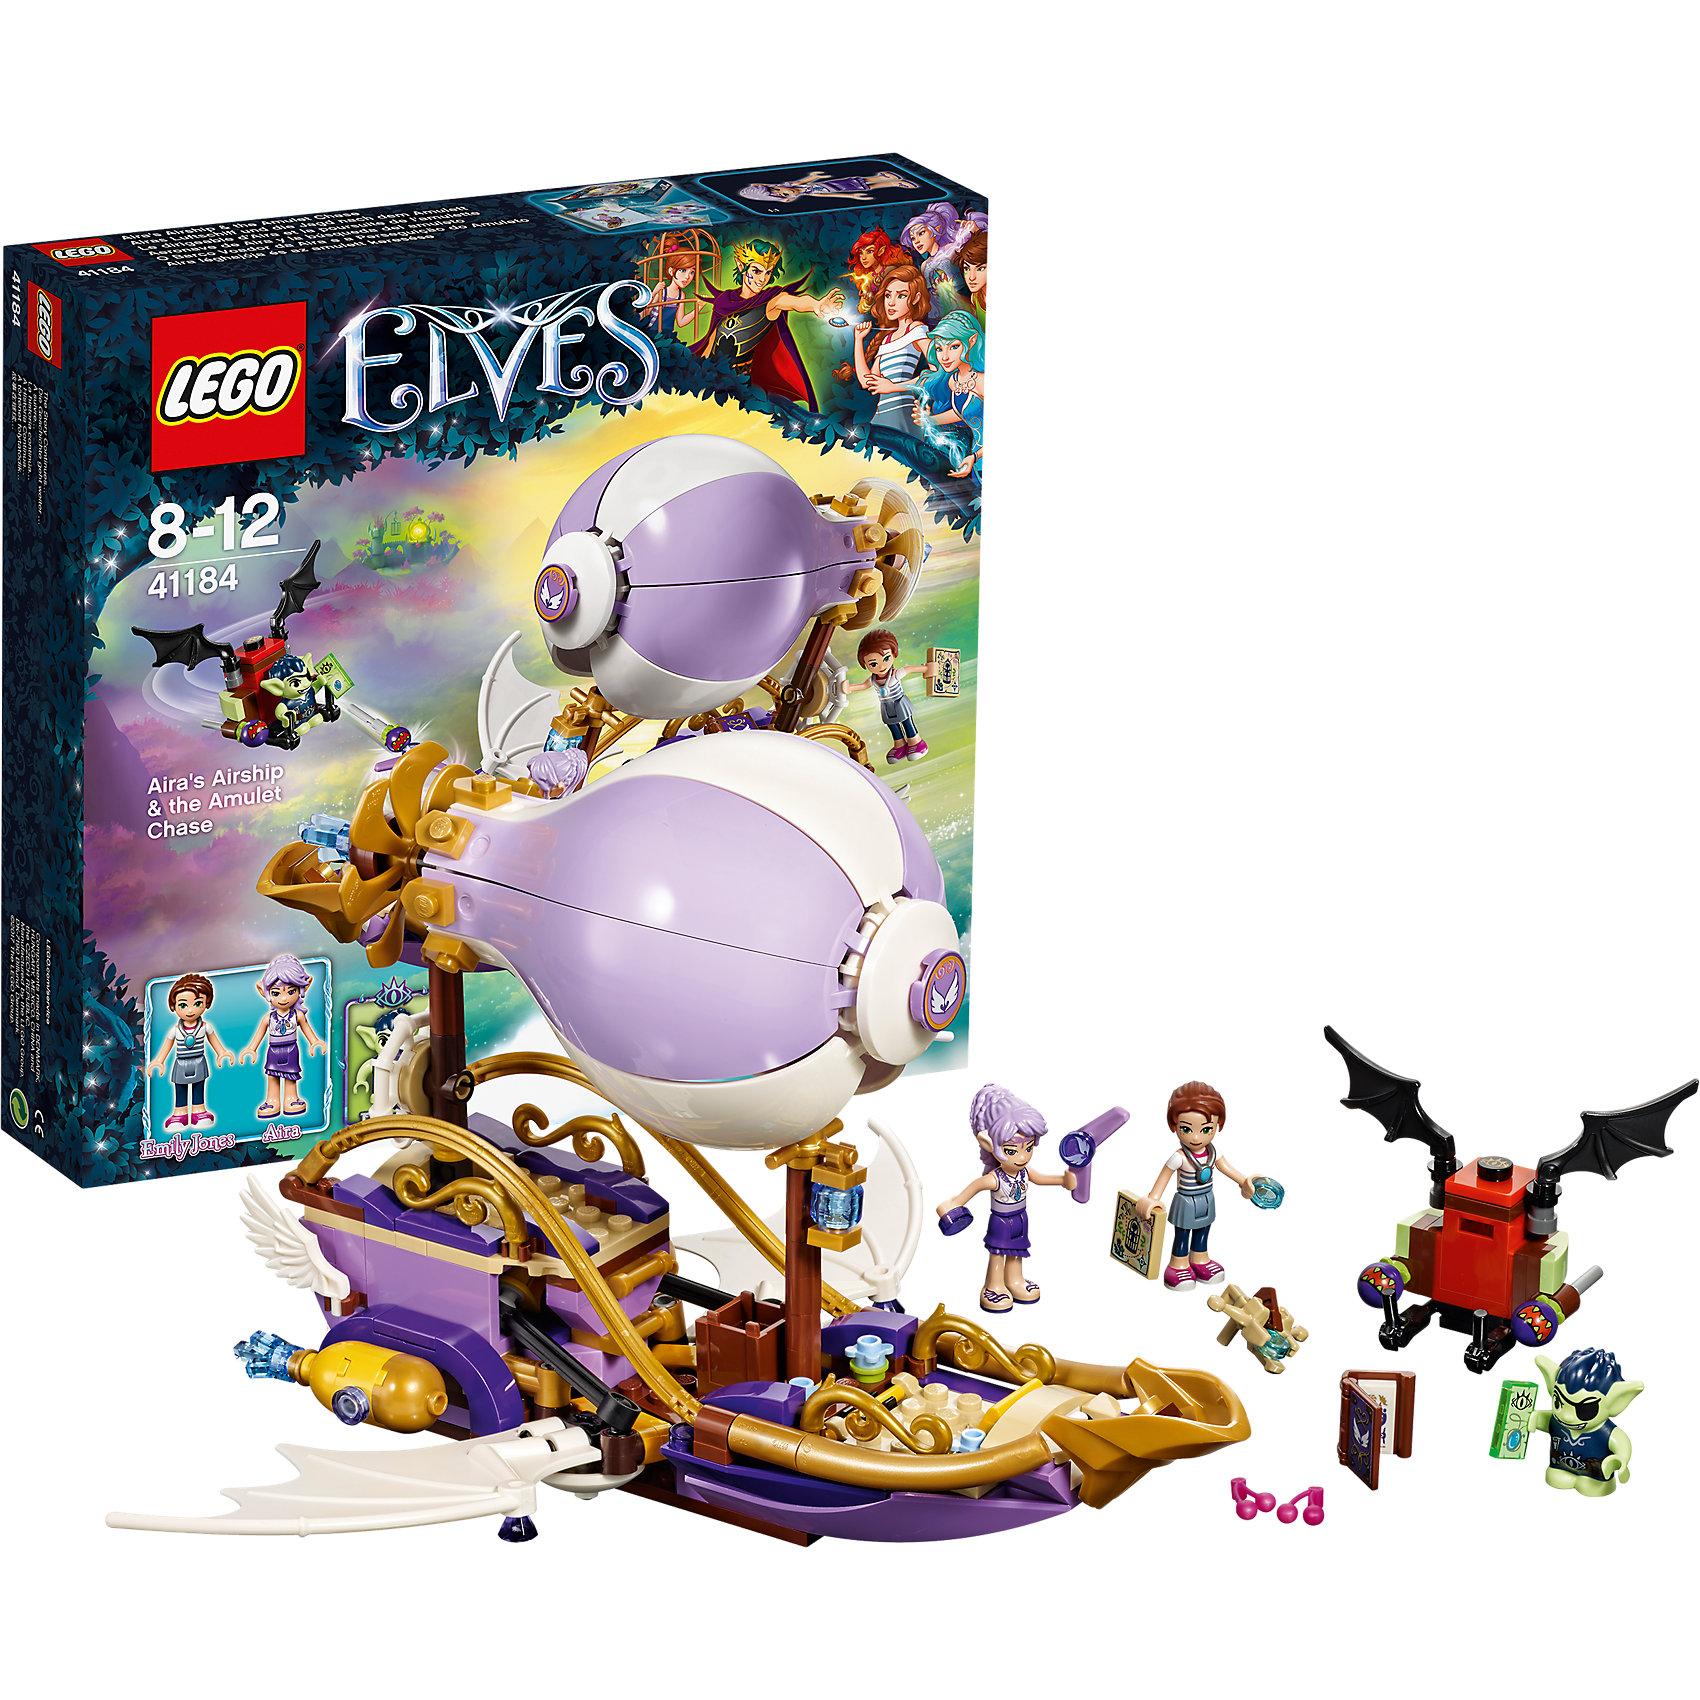 LEGO Elves 41184: Погоня за амулетомПластмассовые конструкторы<br>LEGO Elves 41314: Погоня за амулетом<br><br>Характеристики:<br><br>- в набор входит: детали летательного корабля, летательного аппарата, 3 фигурки, аксессуары, инструкция по сборке<br>- фигурки набора: Эмили Джонс, эльф Эйра, гоблин Дюклин<br>- состав: пластик<br>- количество деталей: 343<br>- для детей в возрасте: от 8 до 12 лет<br>- Страна производитель: Дания/Китай/Чехия<br><br>Легендарный конструктор LEGO (ЛЕГО) представляет серию «Elves» (Эльфы) – магическую вселенную, наполненную приключениями! <br><br>Дети должны помочь эльфам найти четыре волшебных ключа, чтобы вернуть Эмили Джонс домой. Легендарный летающий корабль Эйры впечатляет своим отличным воплощением в этой серии. Насыщенные лиловые и фиолетовые оттенки прекрасно сочетаются с золотыми деталями декораций. Корабль трансформируется в режим быстрого полета, после того, как гоблин похищает амулет у Эмили. Эйра использует магию ветра и они пускаются в погоню. <br><br>Фигурки качественно прорисованы, могут поворачивать головой, руками, торсом и принимать сидячее положение. Красивые рельефные волосы собраны в прически, детали одежды оснащены выступающими складками по краям ткани и добавляют фигуркам реалистичности. Небольшой гоблин может двигать руками, поворачивать головой, держать предметы в руках, его причёска тоже детализирована. Летательный аппарат гоблина имеет багажное отделение хранения награбленного. Помоги девочкам вернуть амулет, и прими участие в эпичной погоне за амулетом! Детали набора отлично сочетаются в другими наборами серии LEGO Elves. <br><br>Играя с конструктором ребенок развивает моторику рук, воображение и логическое мышление, научится собирать по инструкции и создавать свои модели. Придумывайте новые истории любимых героев с набором LEGO «Elves»!<br><br>Конструктор LEGO Elves 41314: Погоня за амулетом можно купить в нашем интернет-магазине.<br><br>Ширина мм: 281<br>Глубина мм: 261<br>Высота мм: 63<br>Вес г: 504<br>Возра